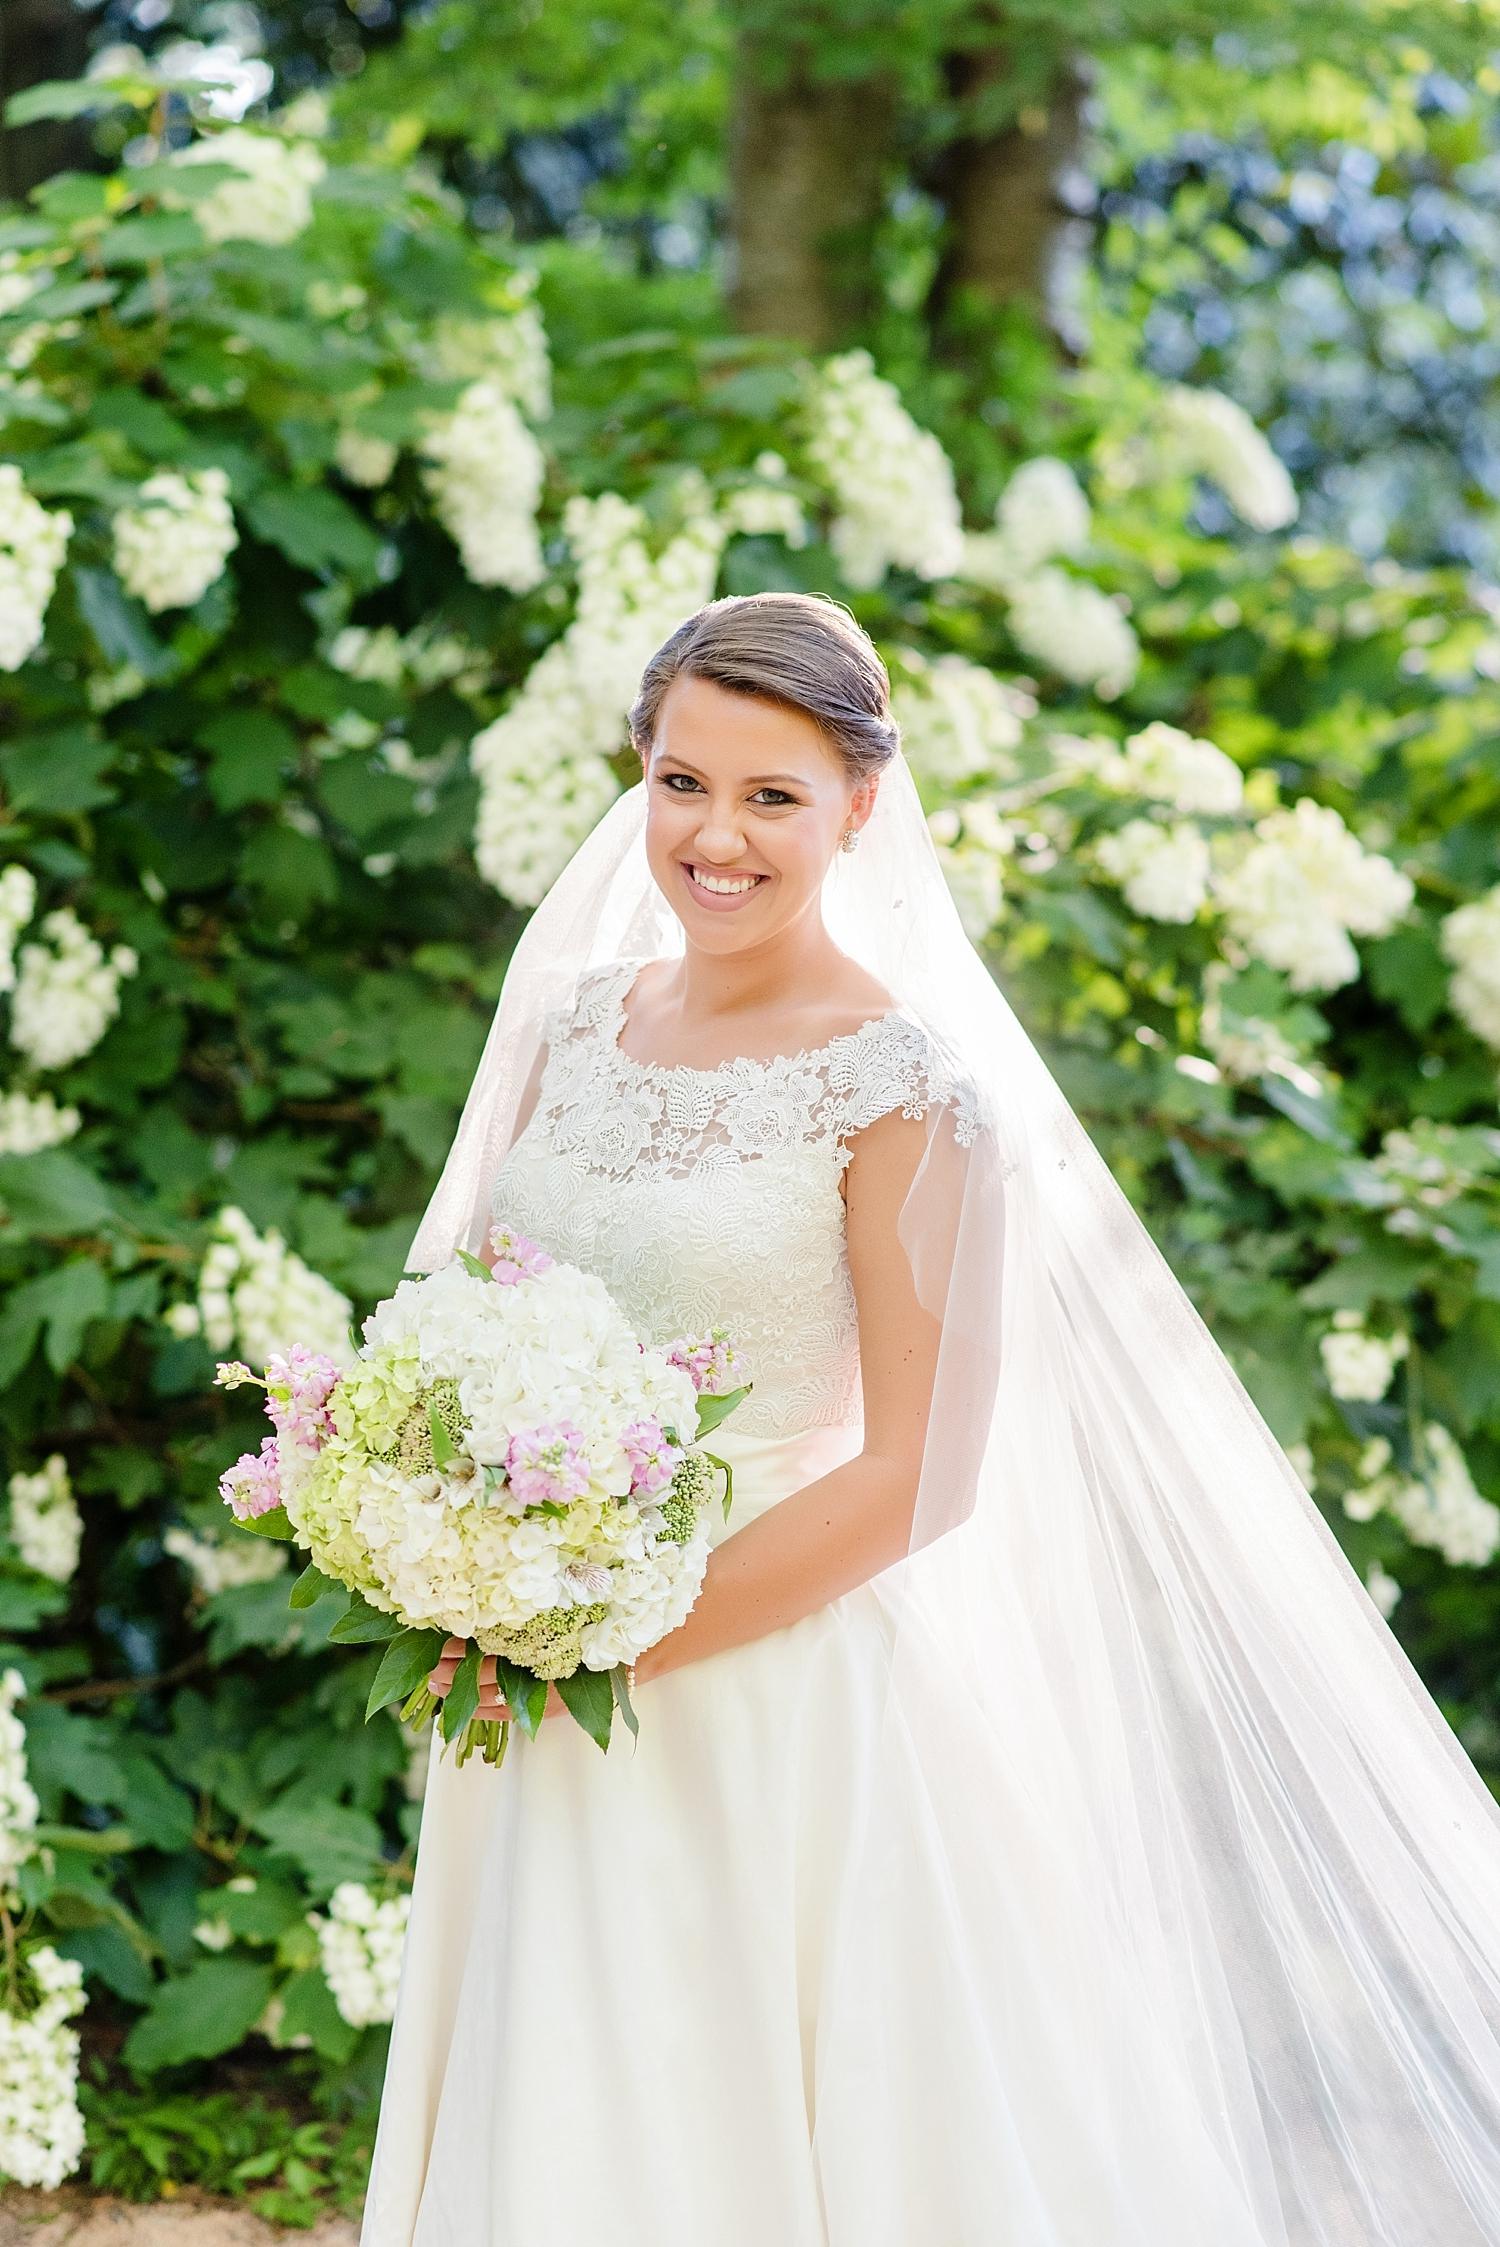 duke_gardens_bridal_portrait_0250.jpg